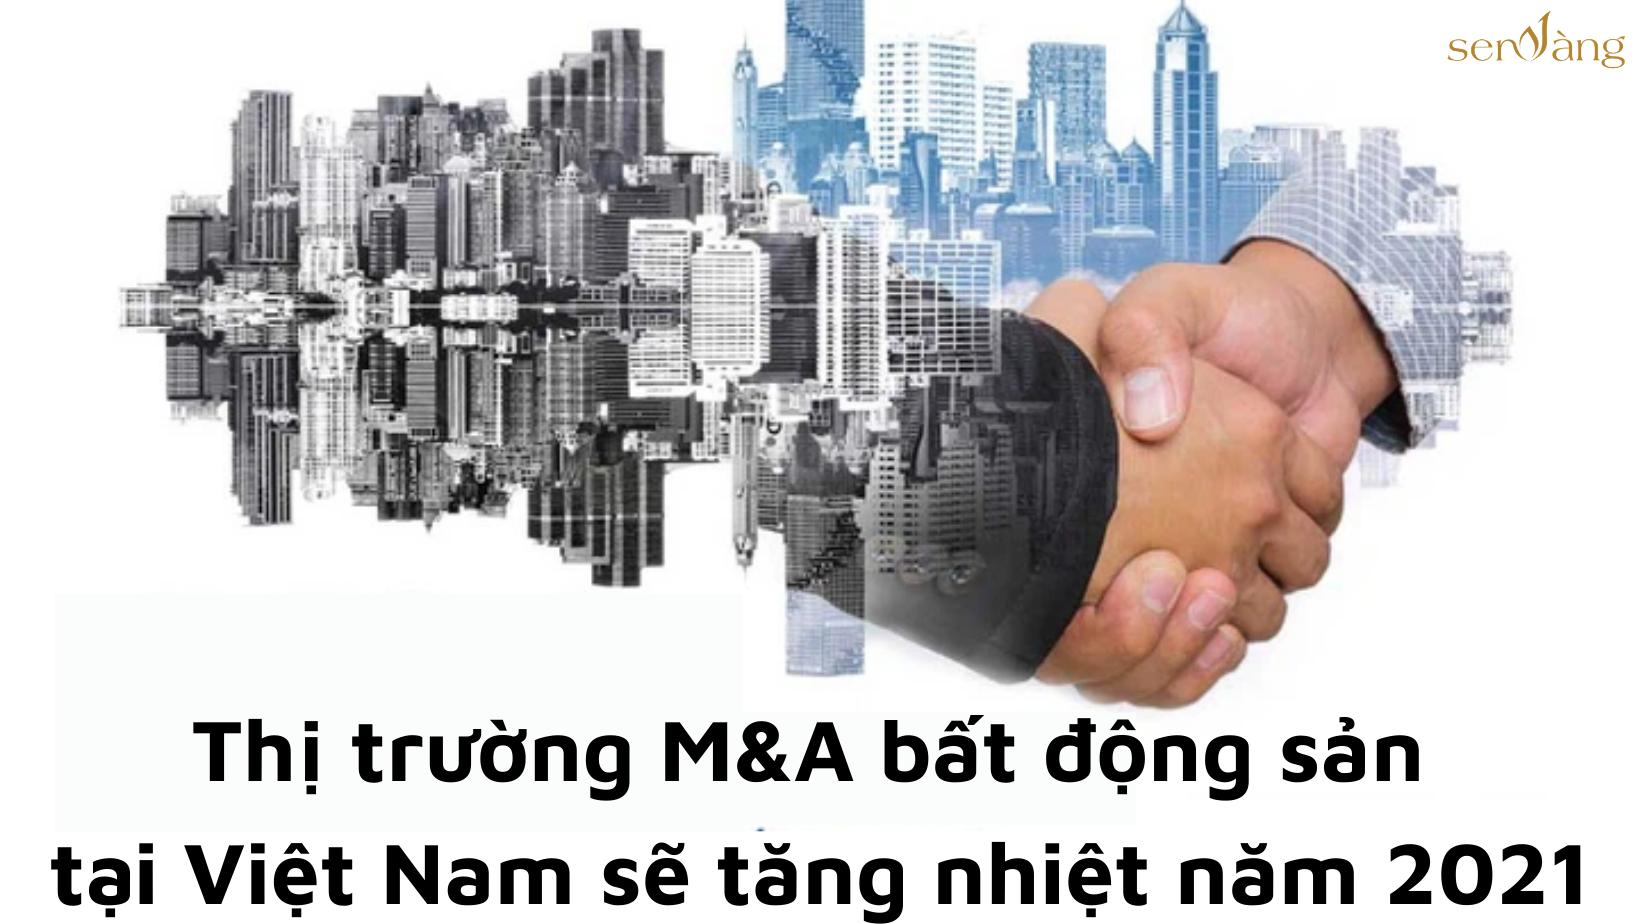 Thị trường M&A bất động sản tại Việt Nam sẽ tăng nhiệt năm 2021